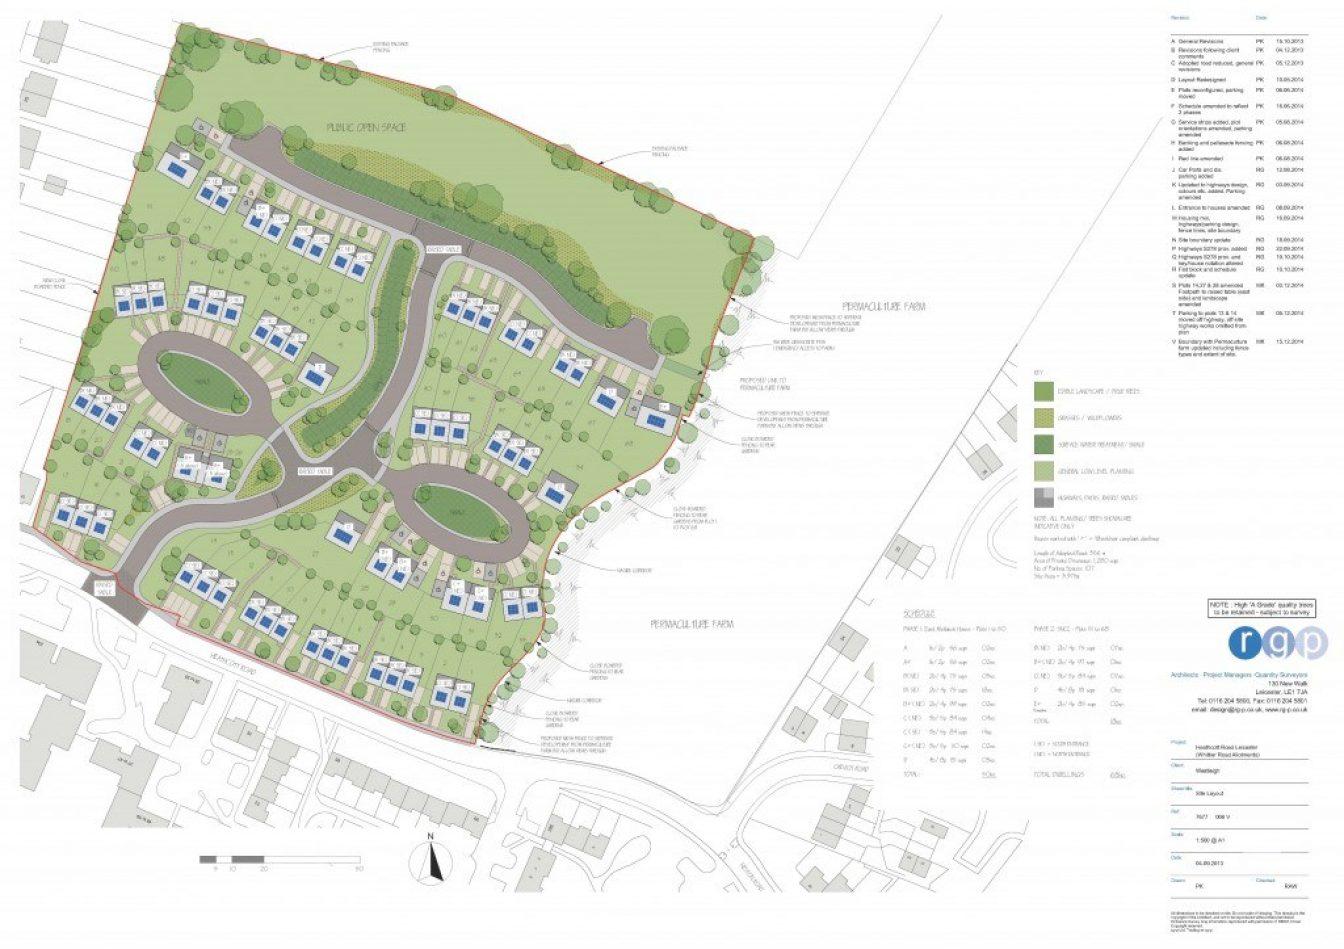 Site Layout of Saffron Lane